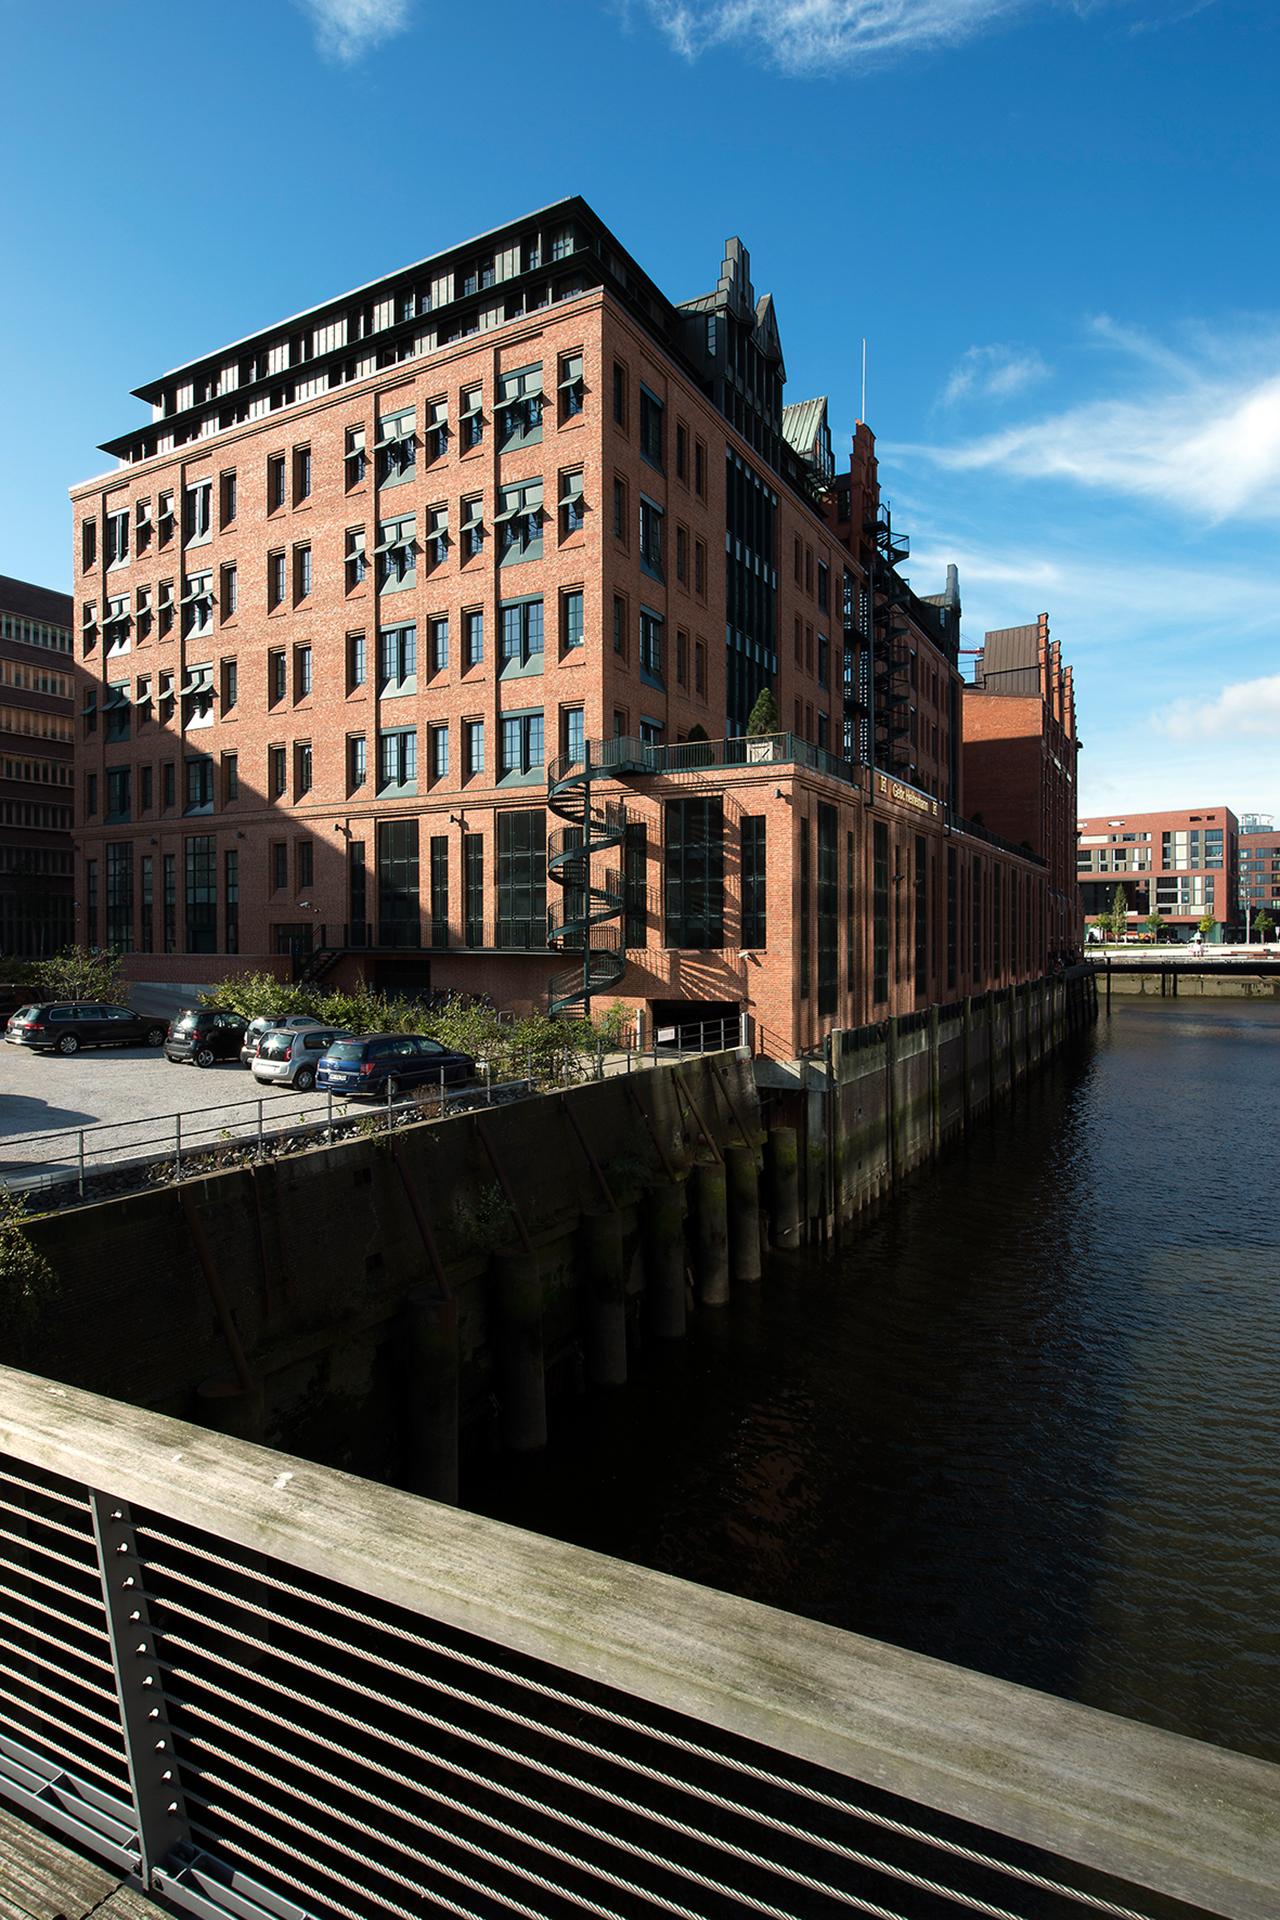 Architekturfoto, Gebr. Heinemann, Anna M. Tränkner Hamburg 1